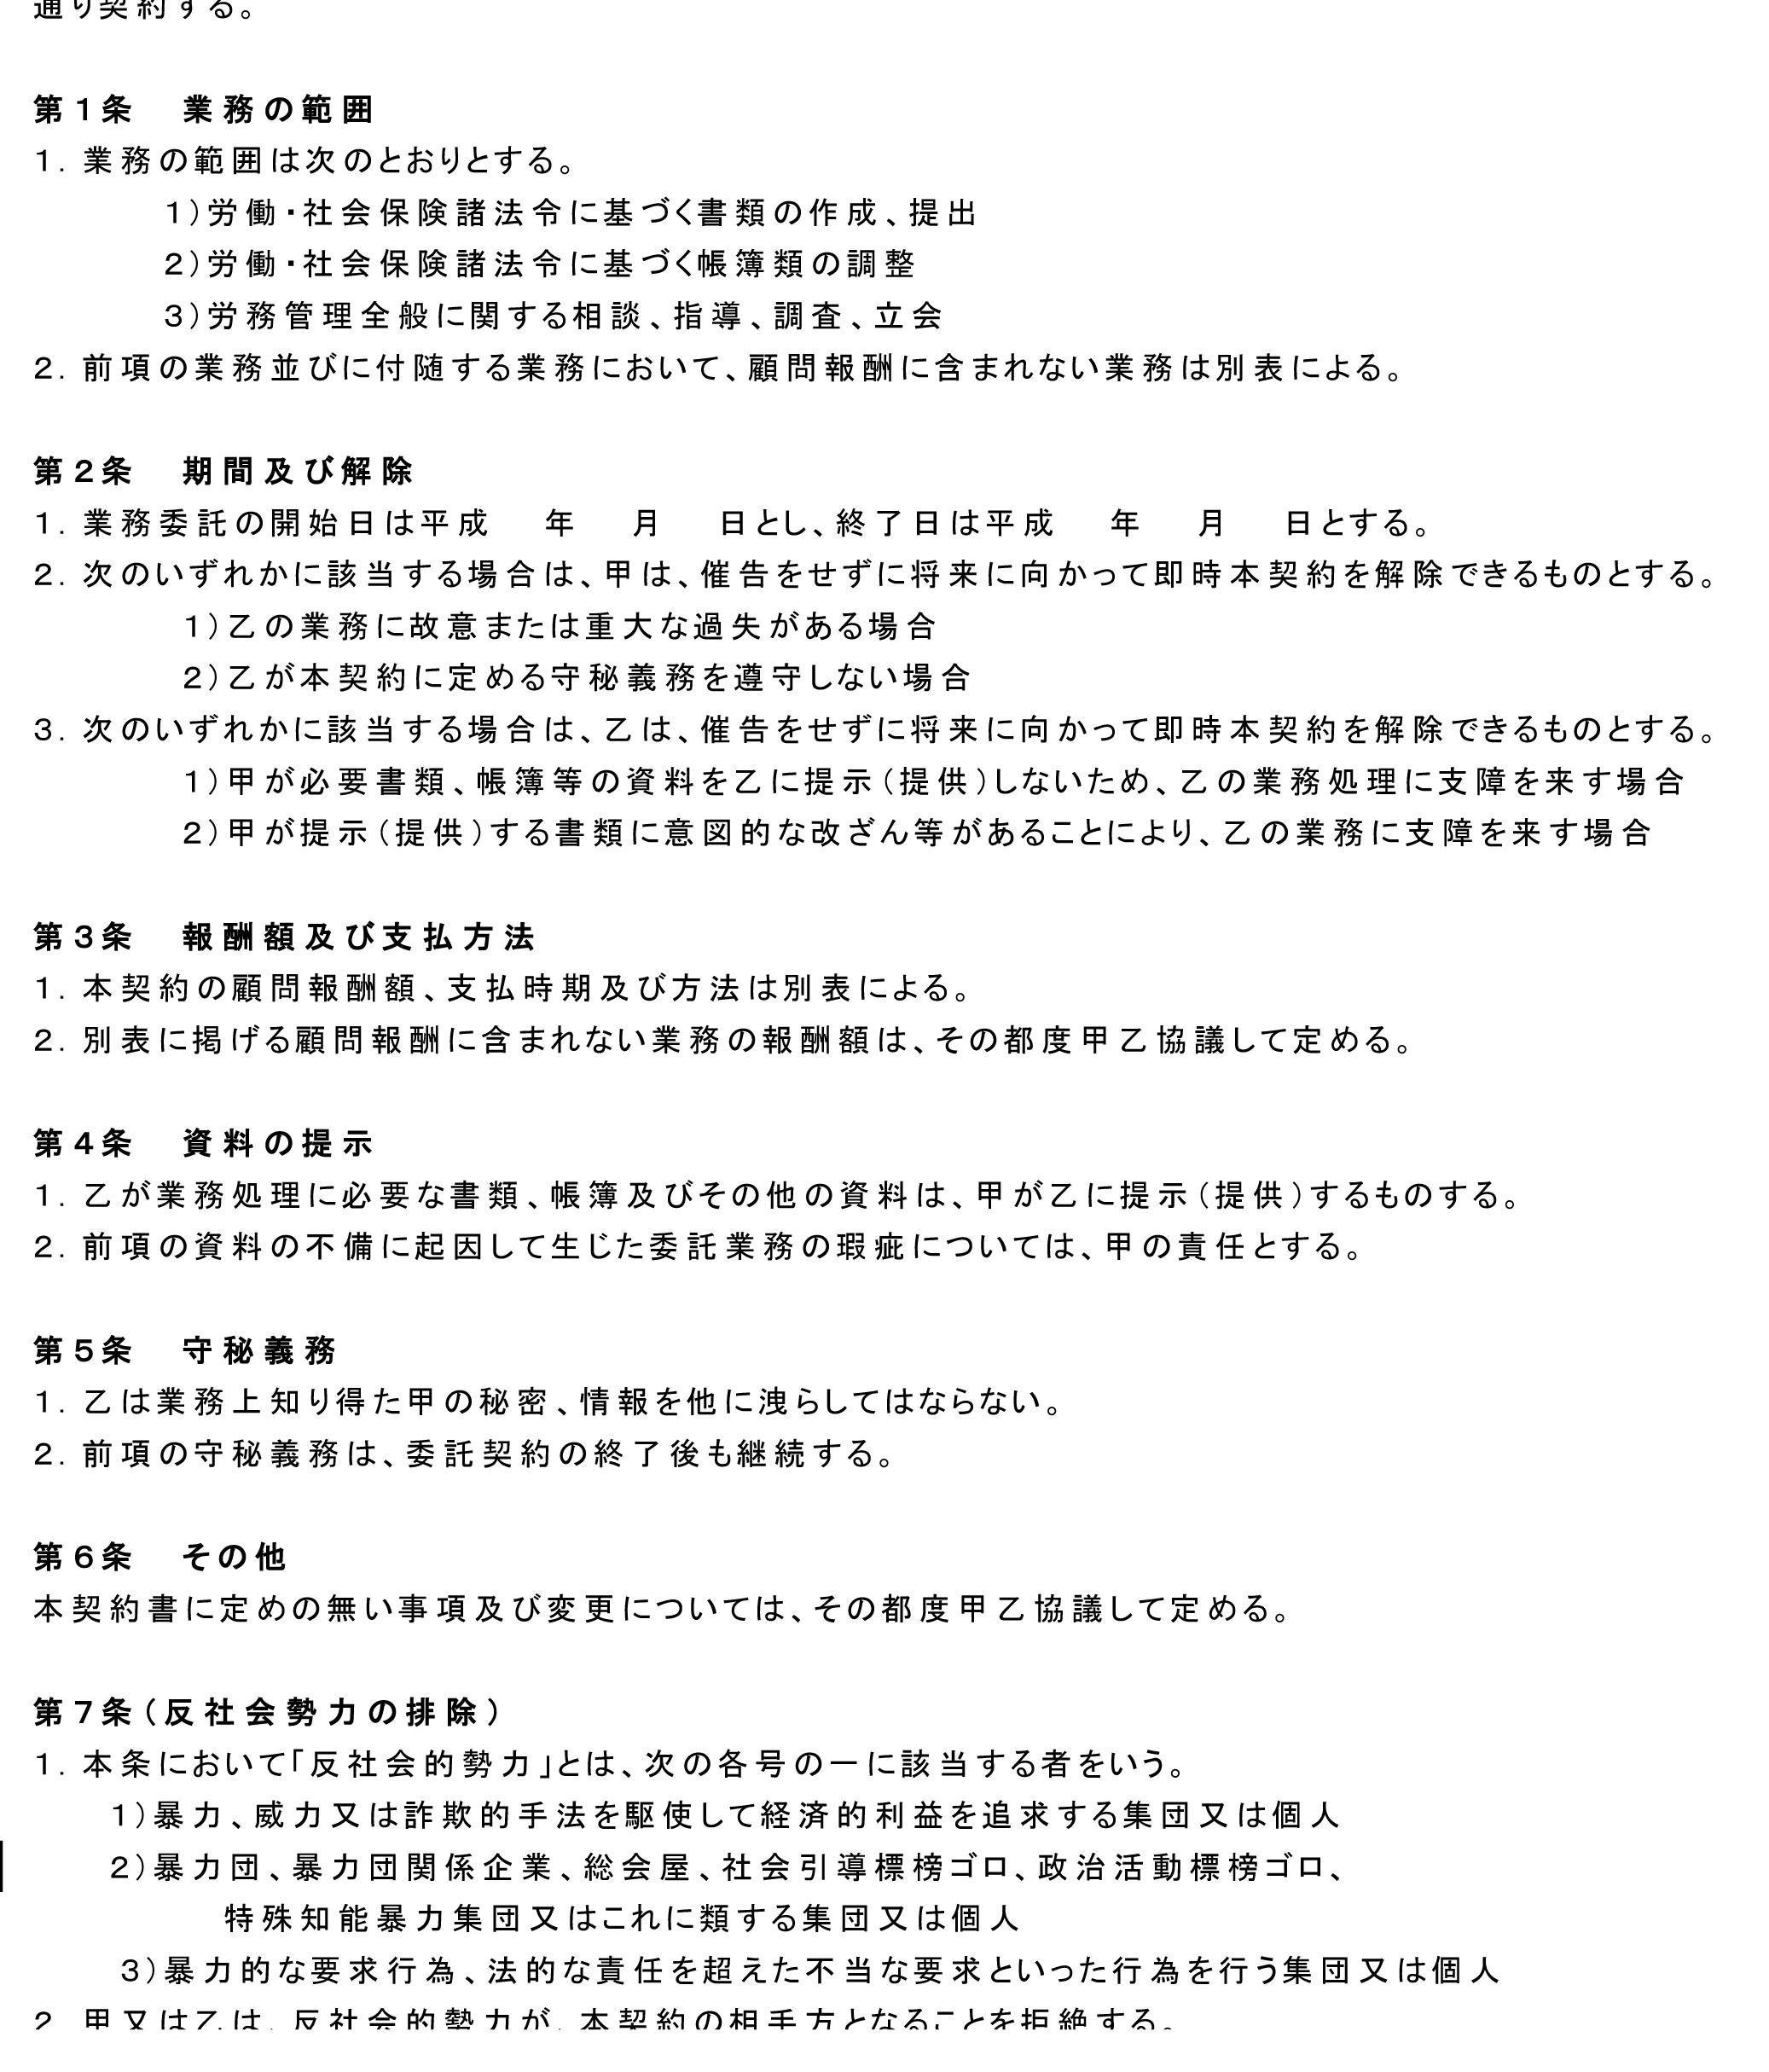 委託契約書(業務代行)